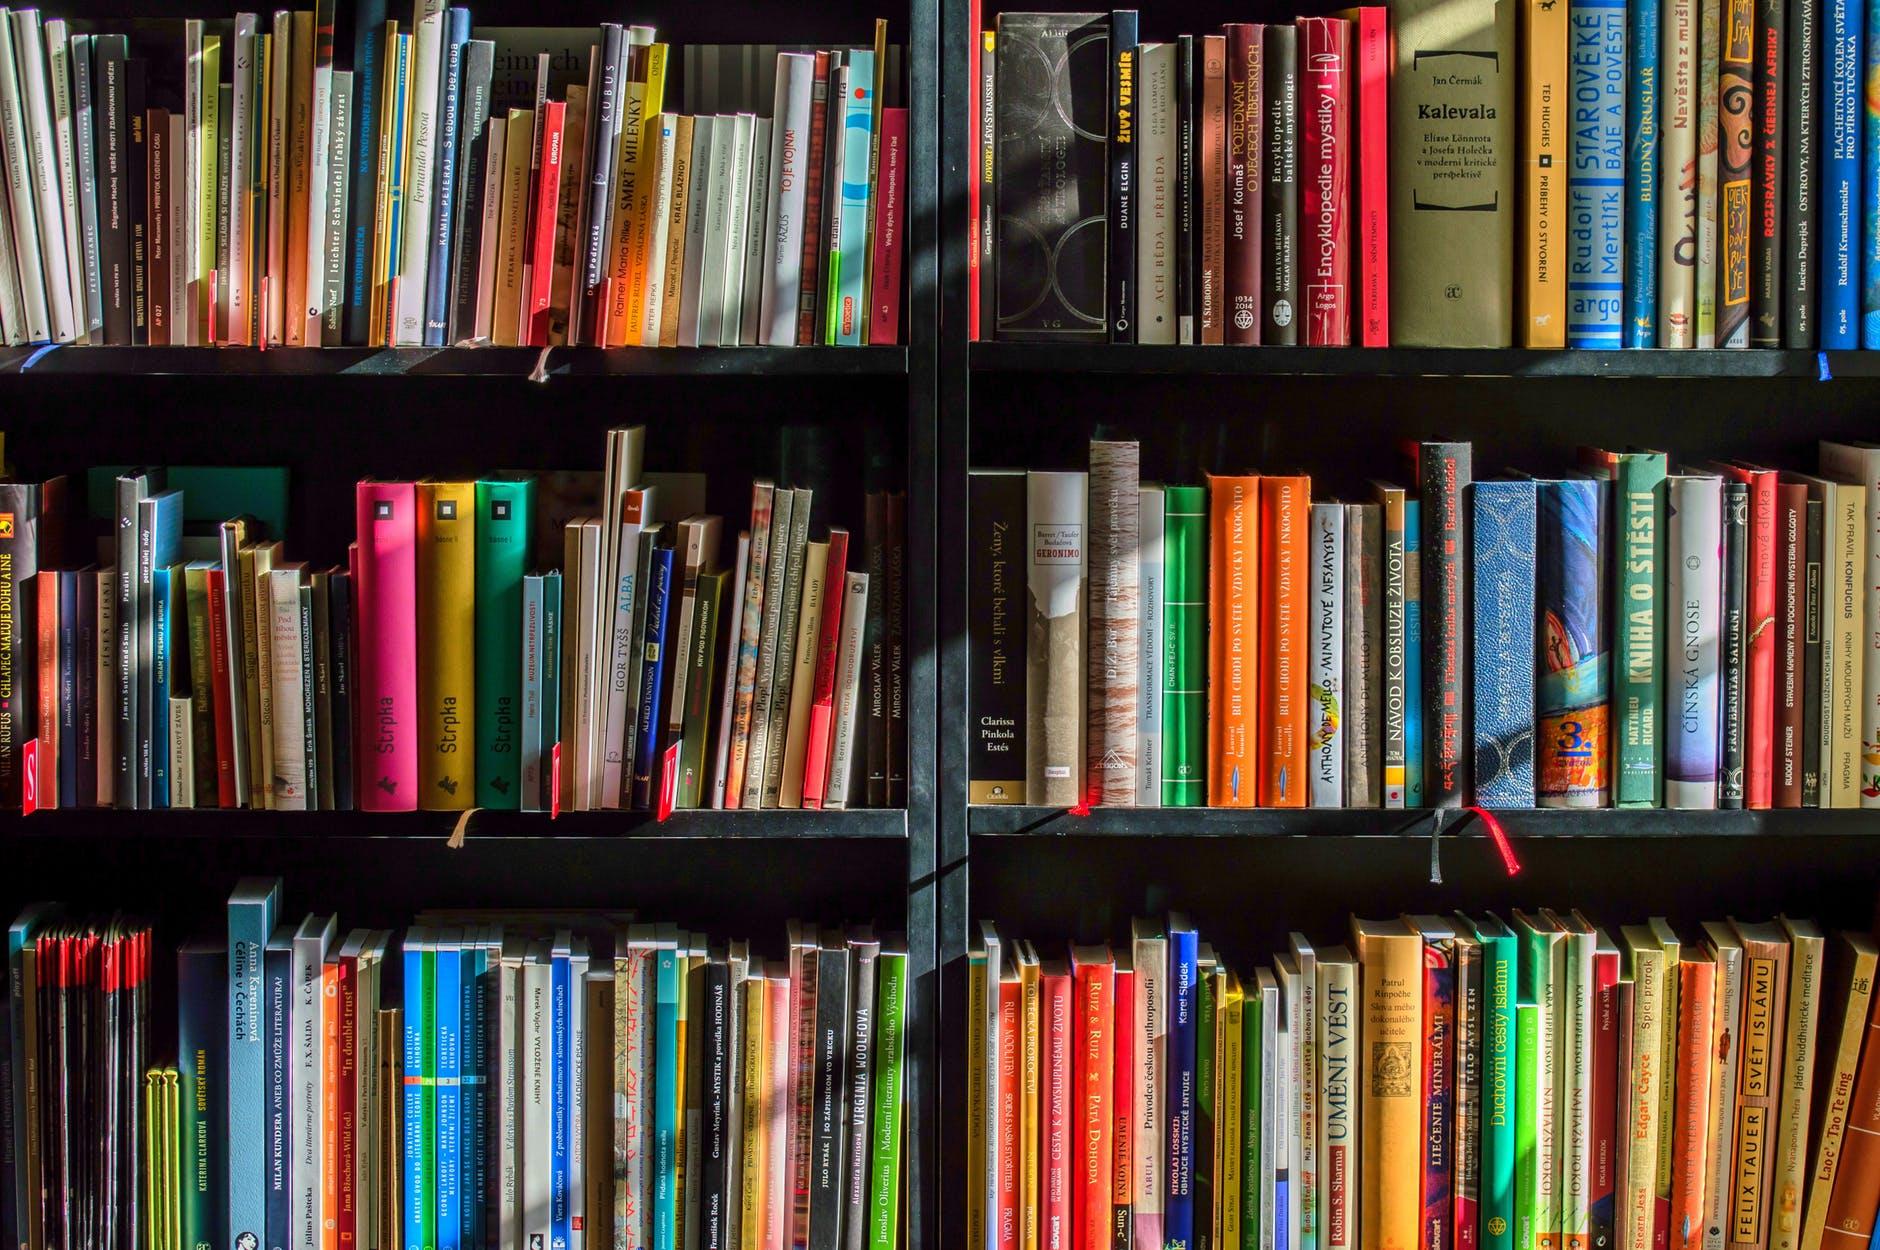 books in black wooden book shelf